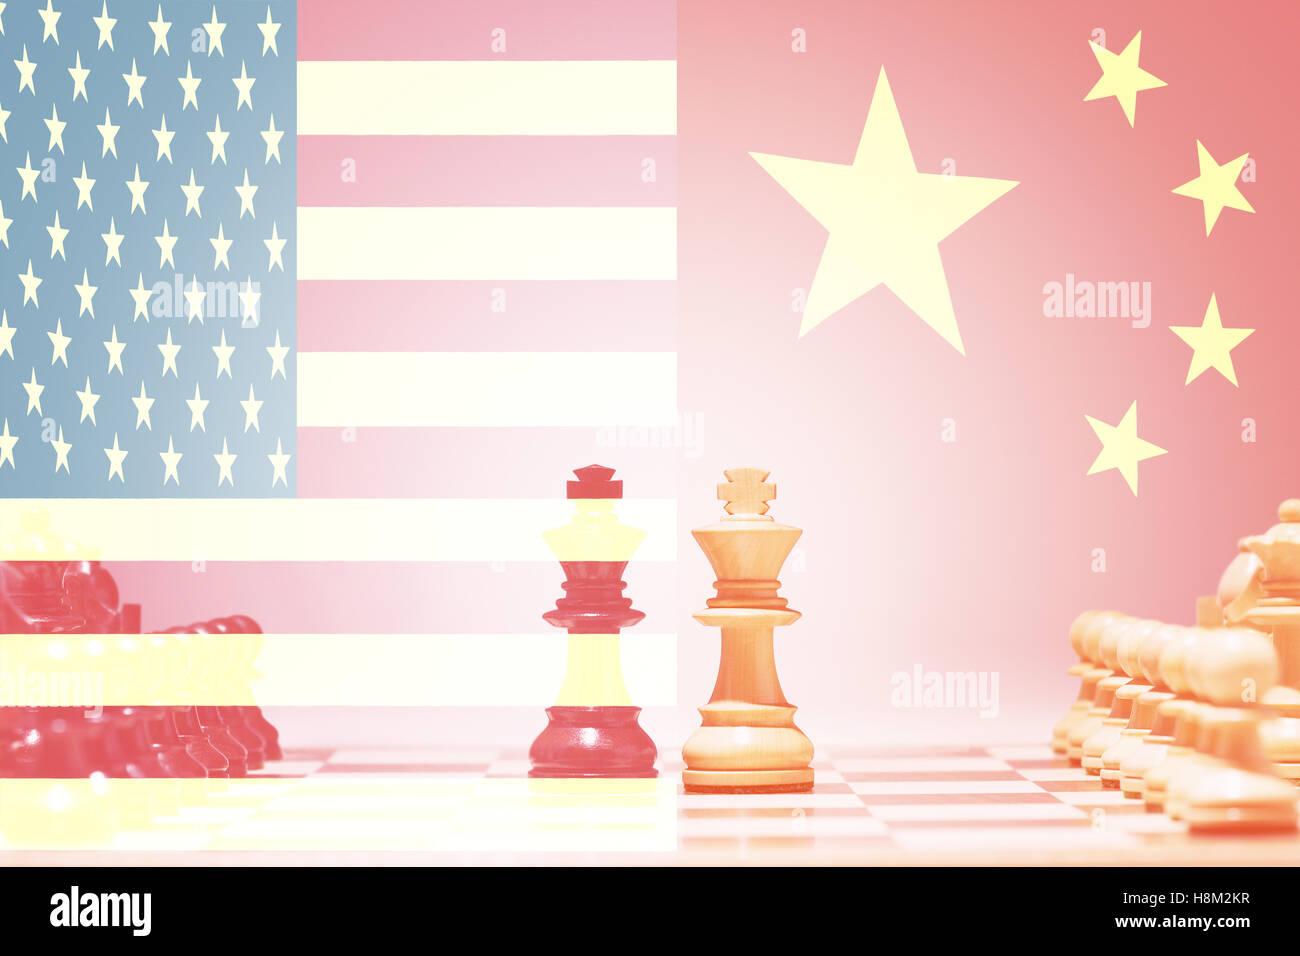 China vs USA Chess Game - Stock Image